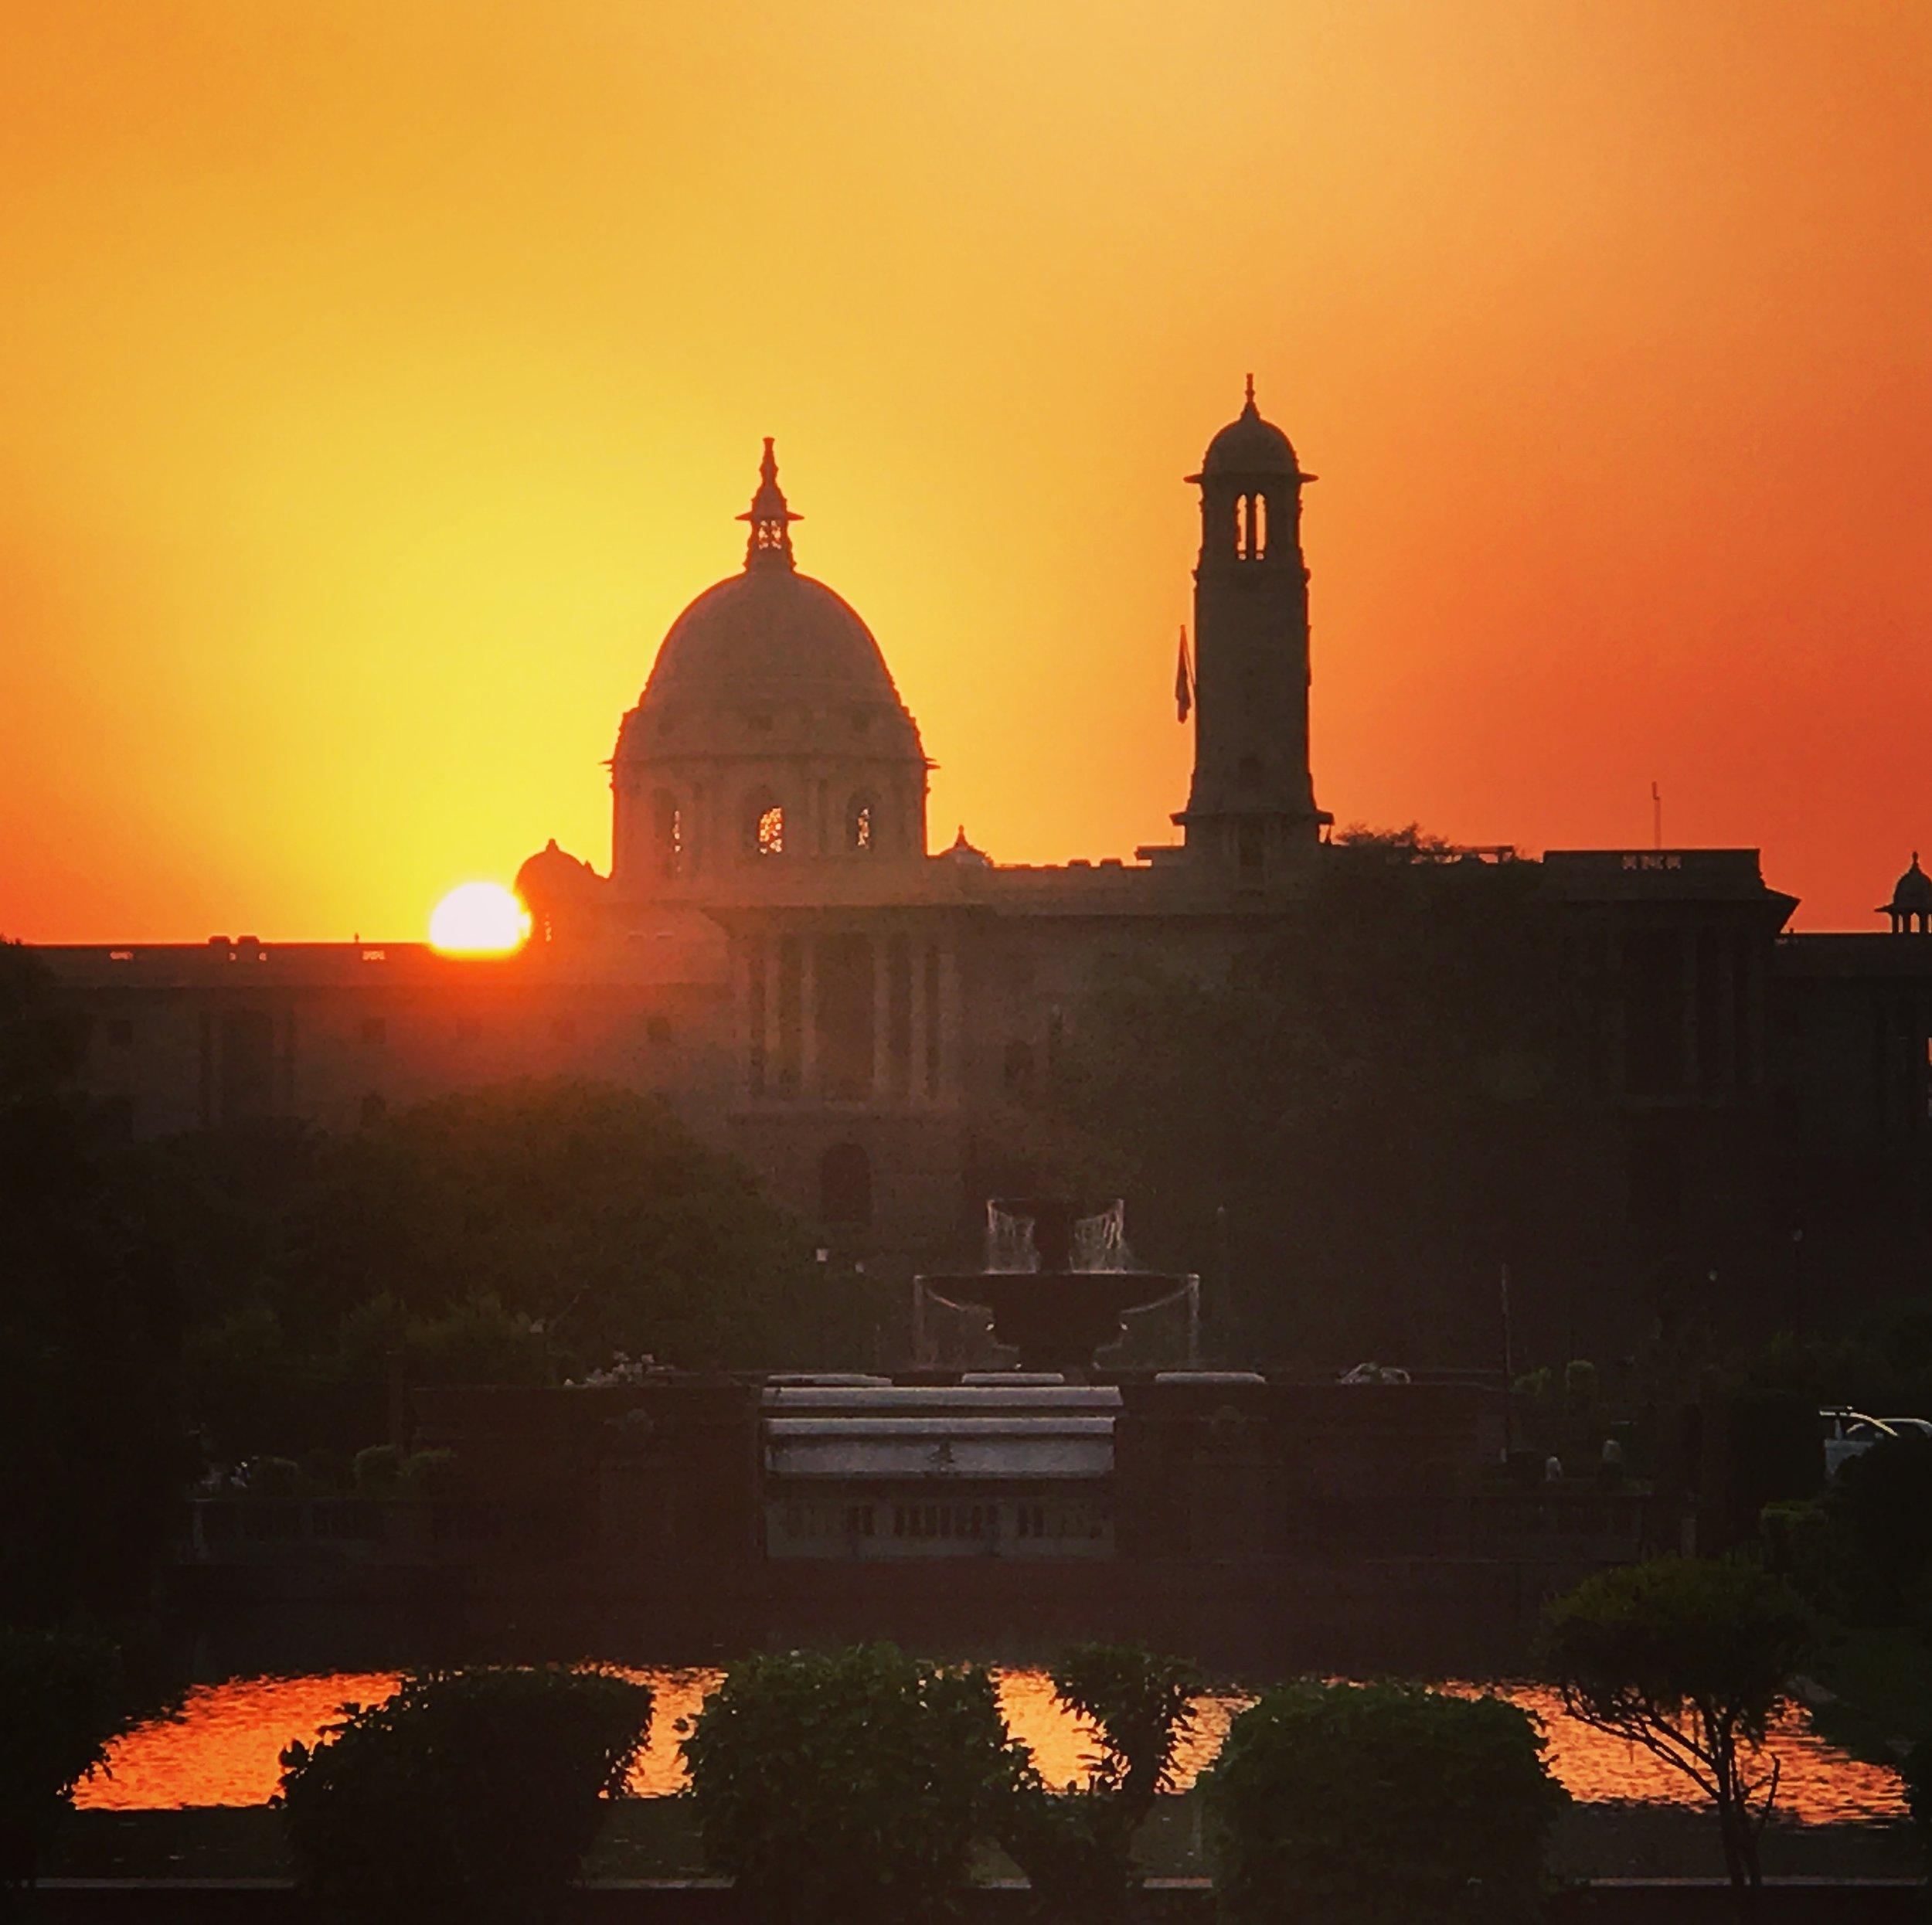 Sunset over the Presidential Residence